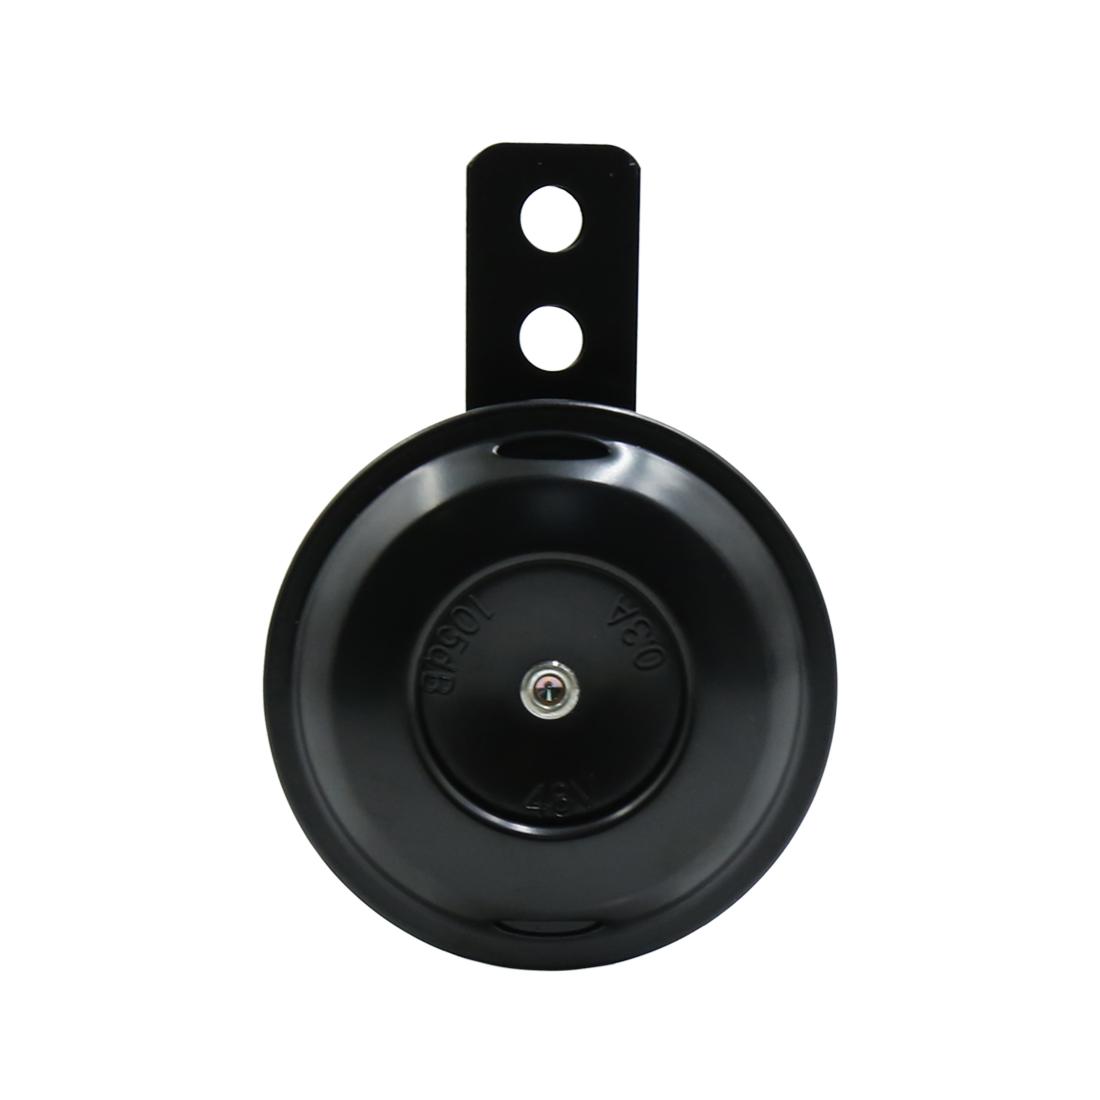 Electric Motorcycle ATV Waterproof 67mm Dia Loud Horn Speaker 48V 0.2A